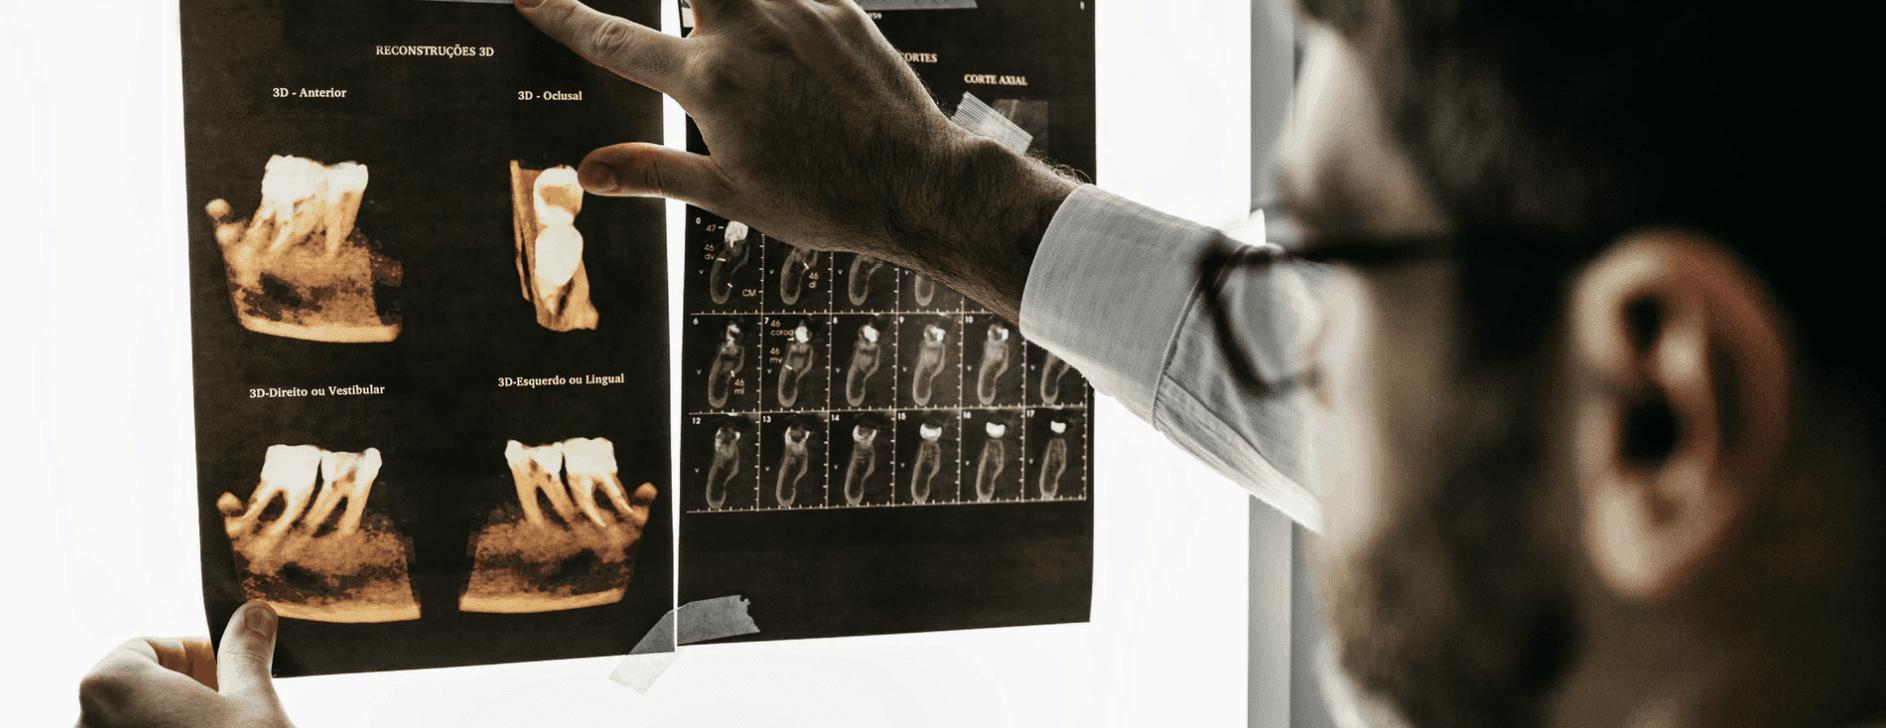 Liste der 10 größten Medizintechnik-Unternehmen in Deutschland